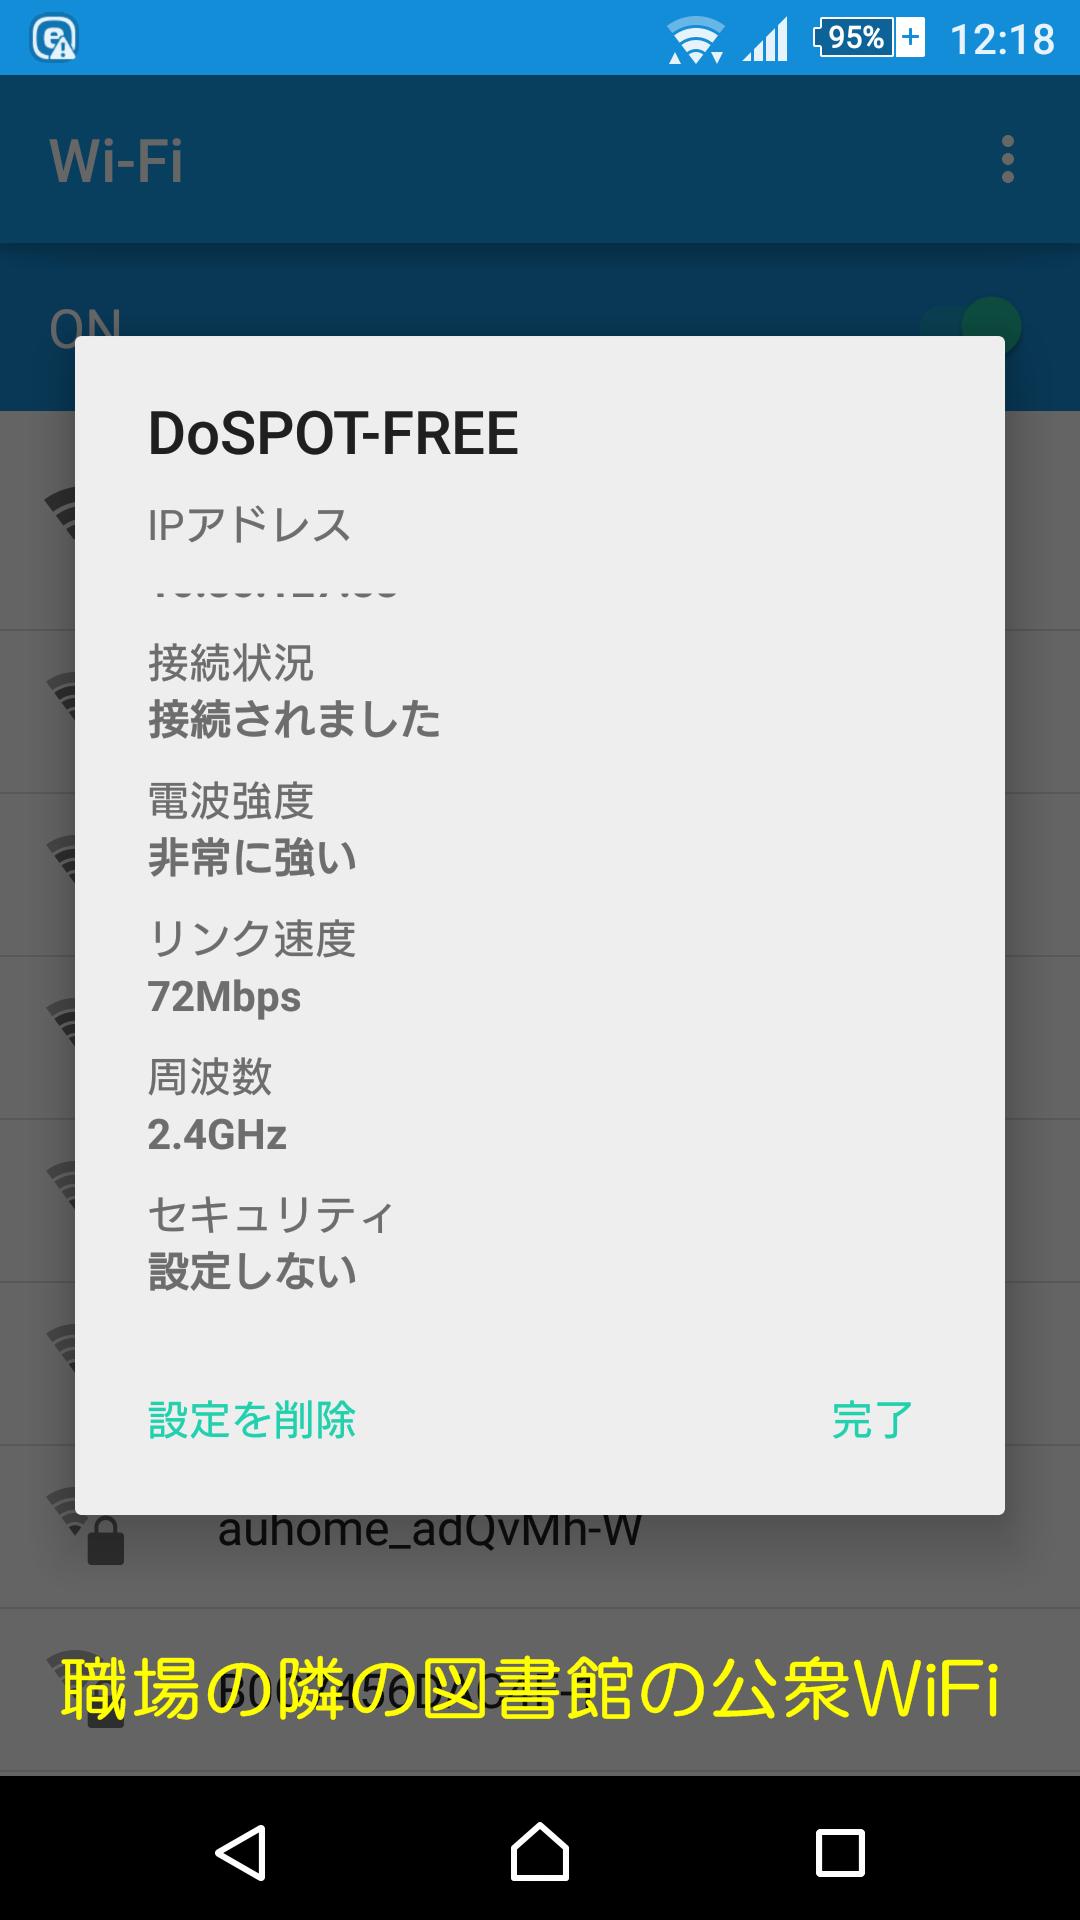 toshokan_Do-SPOT2.png